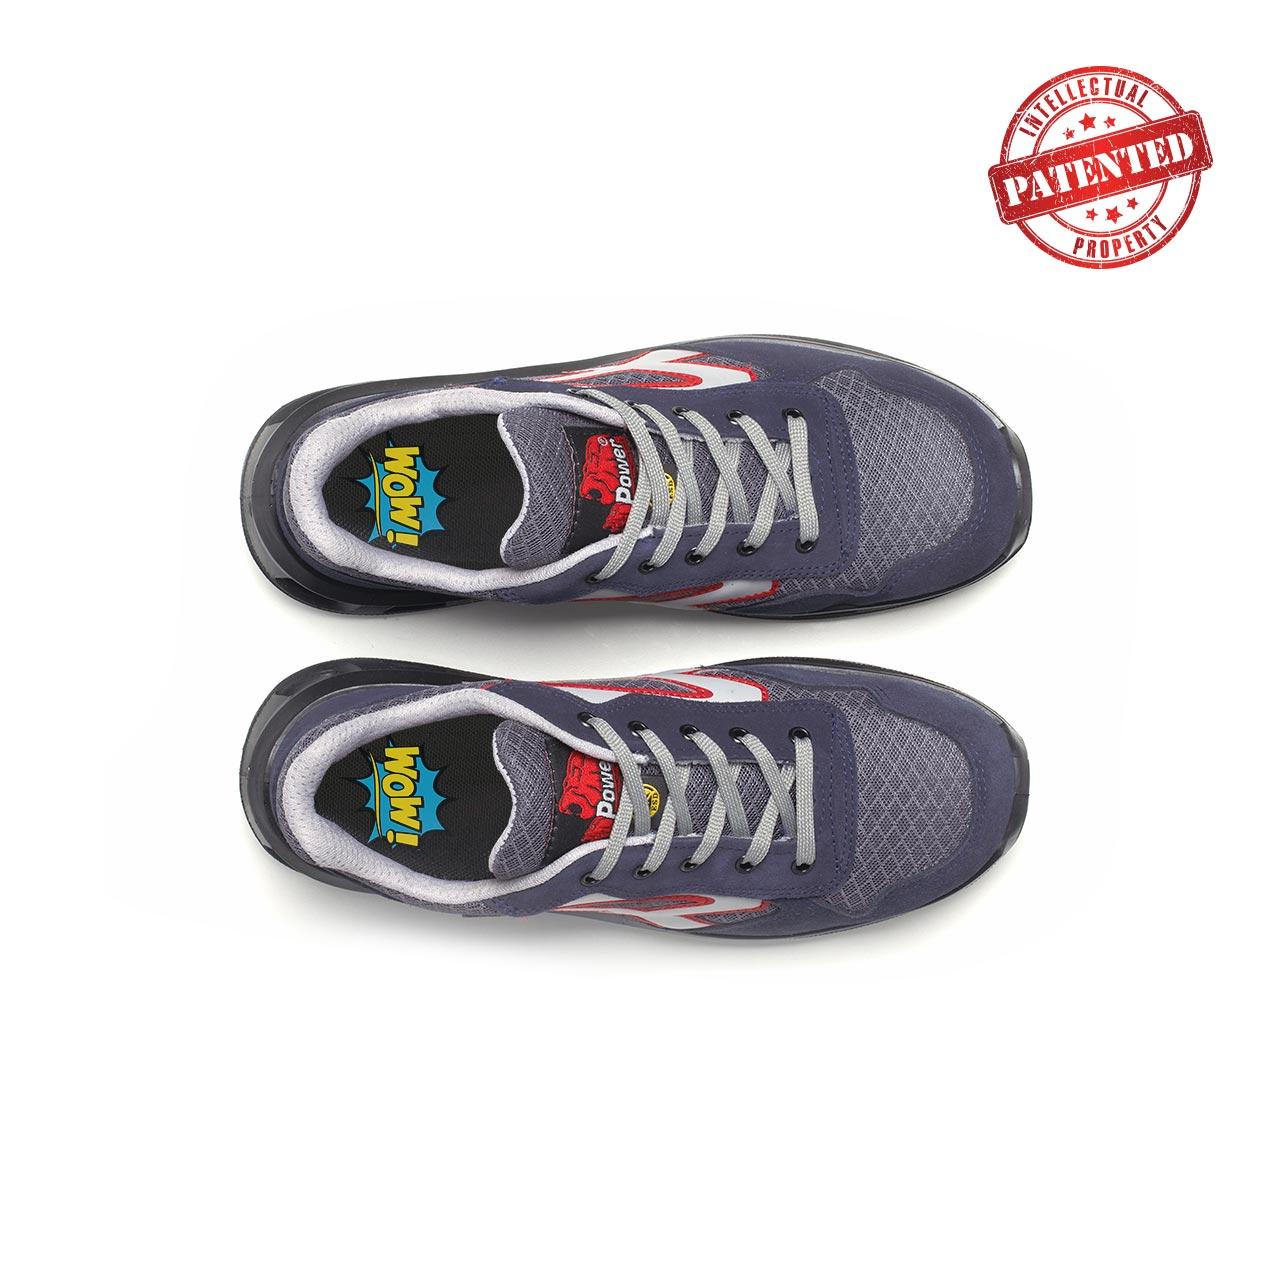 paio di scarpe antinfortunistiche upower modello active linea redlion vista top